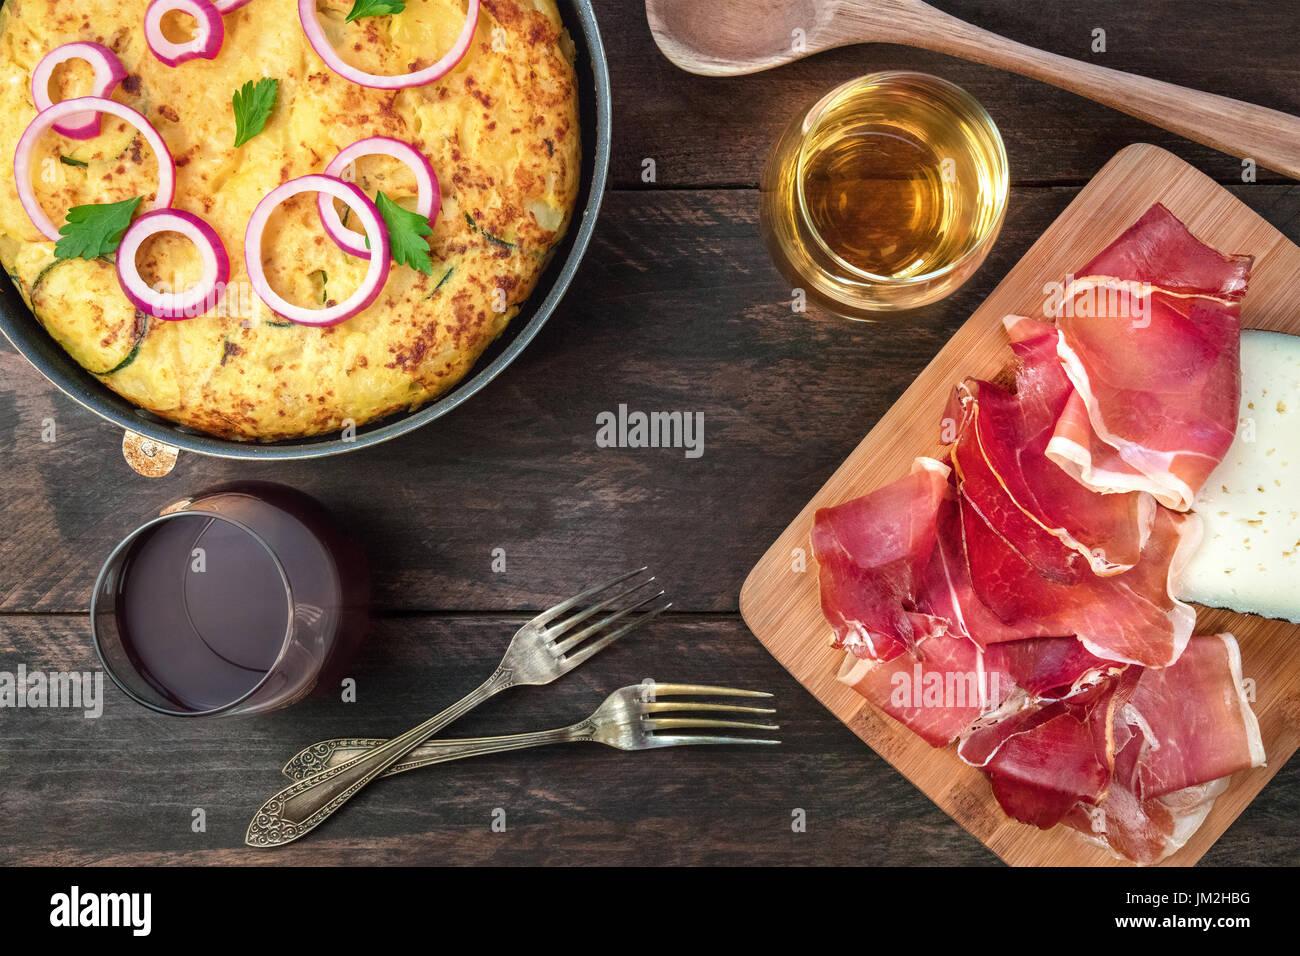 Tortilla spagnola in tortillera, al vino con prosciutto e formaggio Immagini Stock